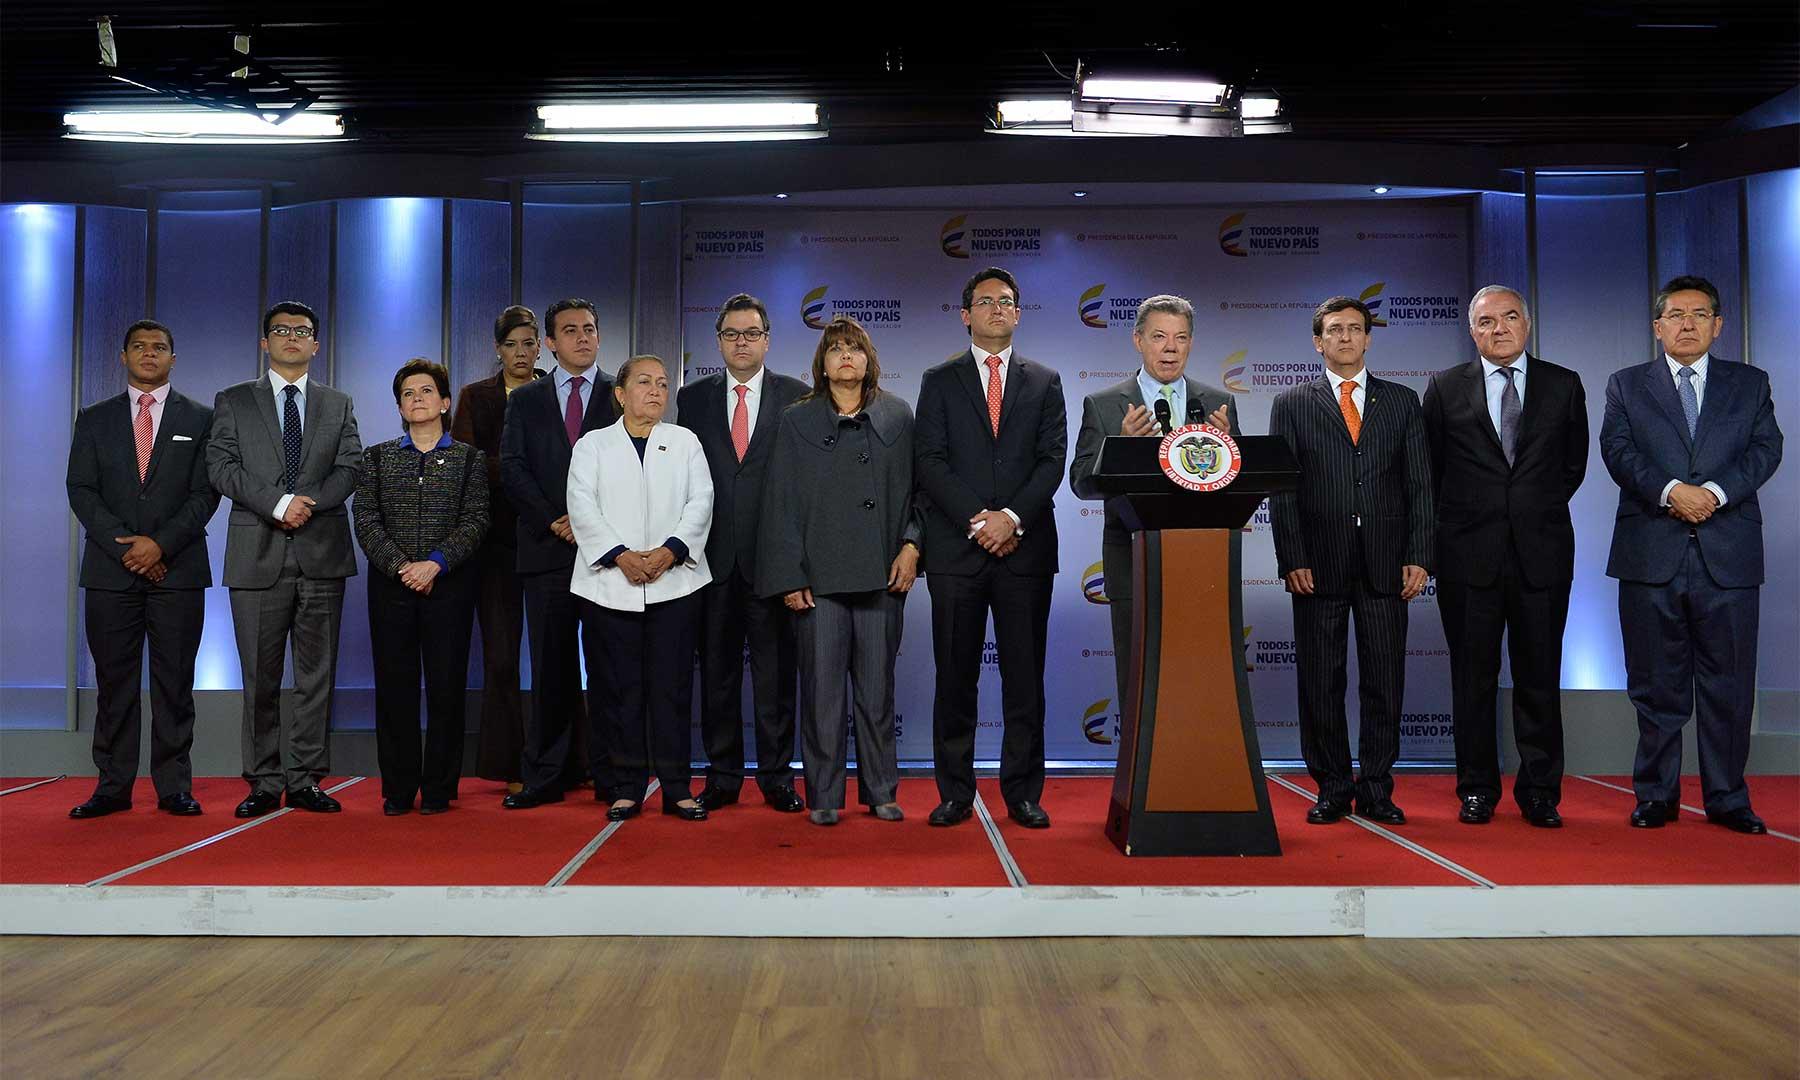 Acompañado por los miembros de la Comisión Nacional de Moralización, el Presidente Santos dijo que el organismo realizó un completo seguimiento a los avances en la lucha contra la corrupción.